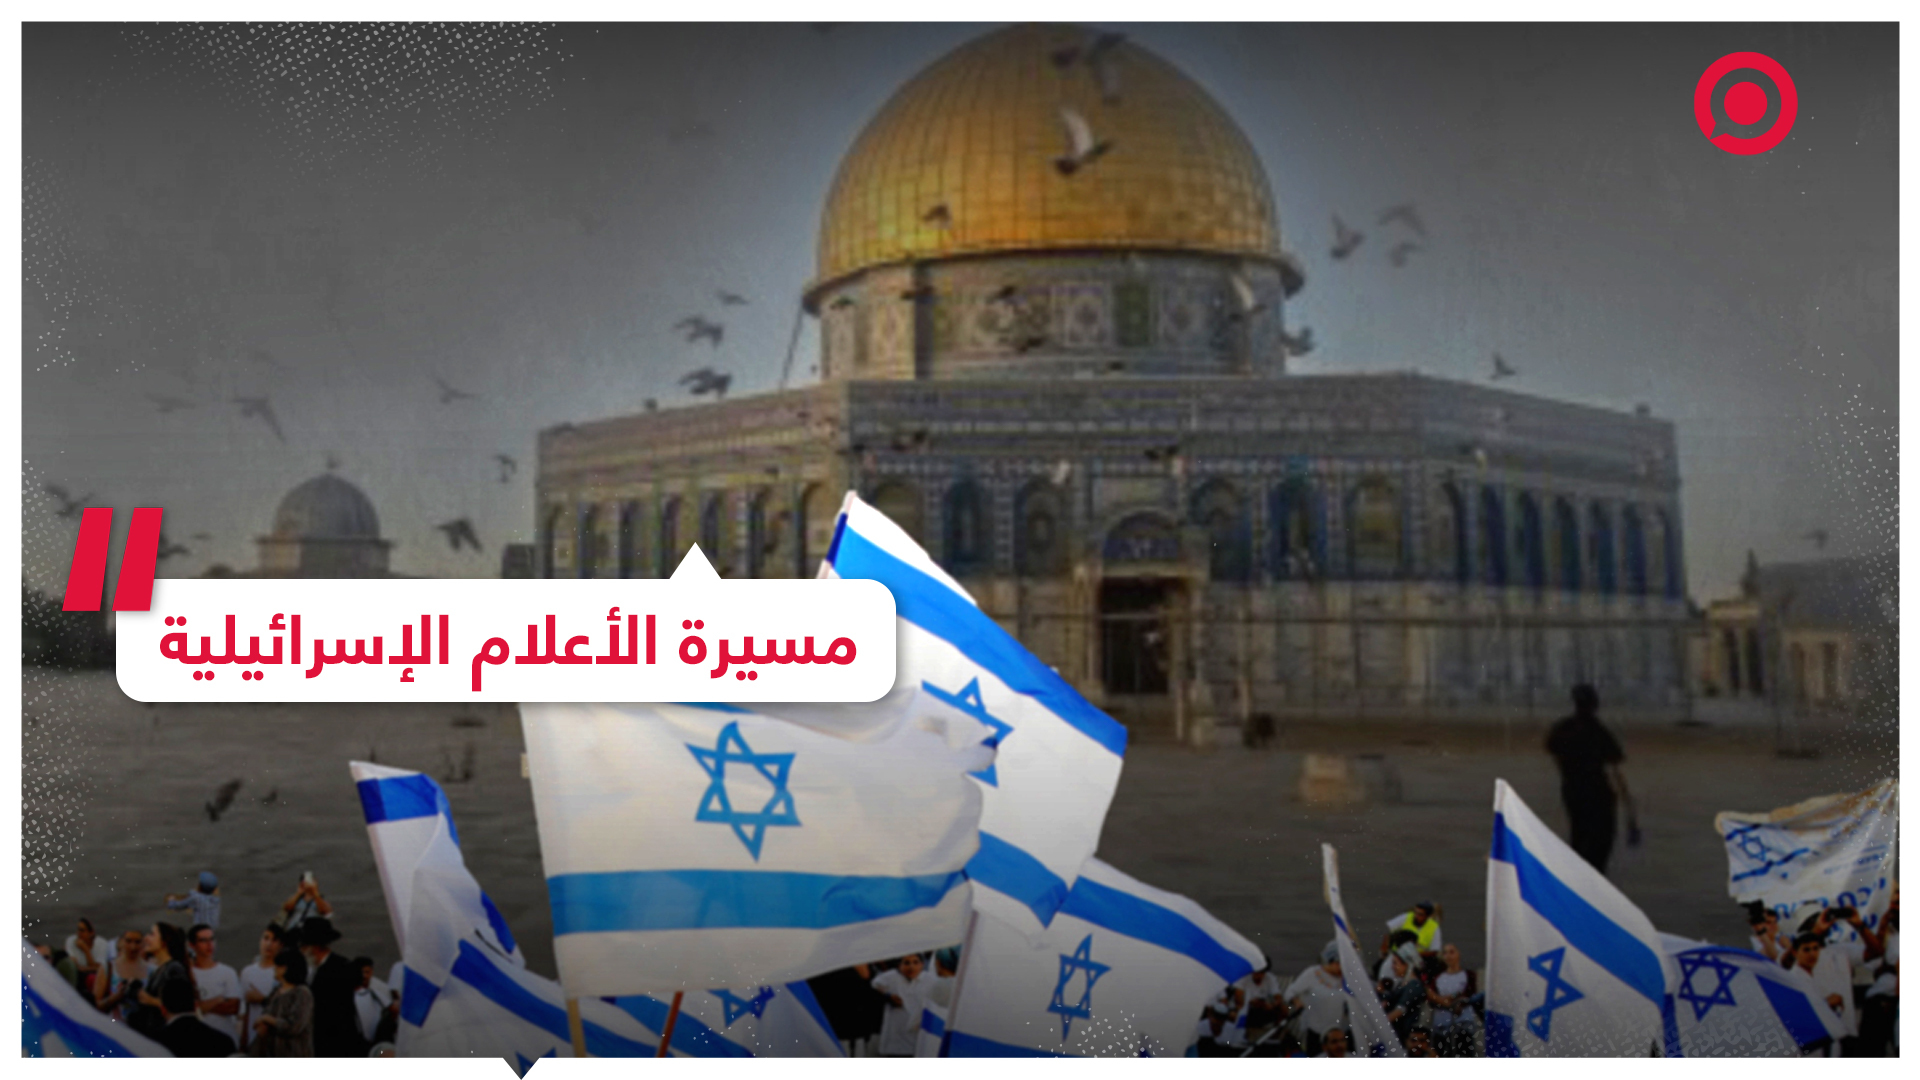 مسيرة الأعلام الإسرائيلية